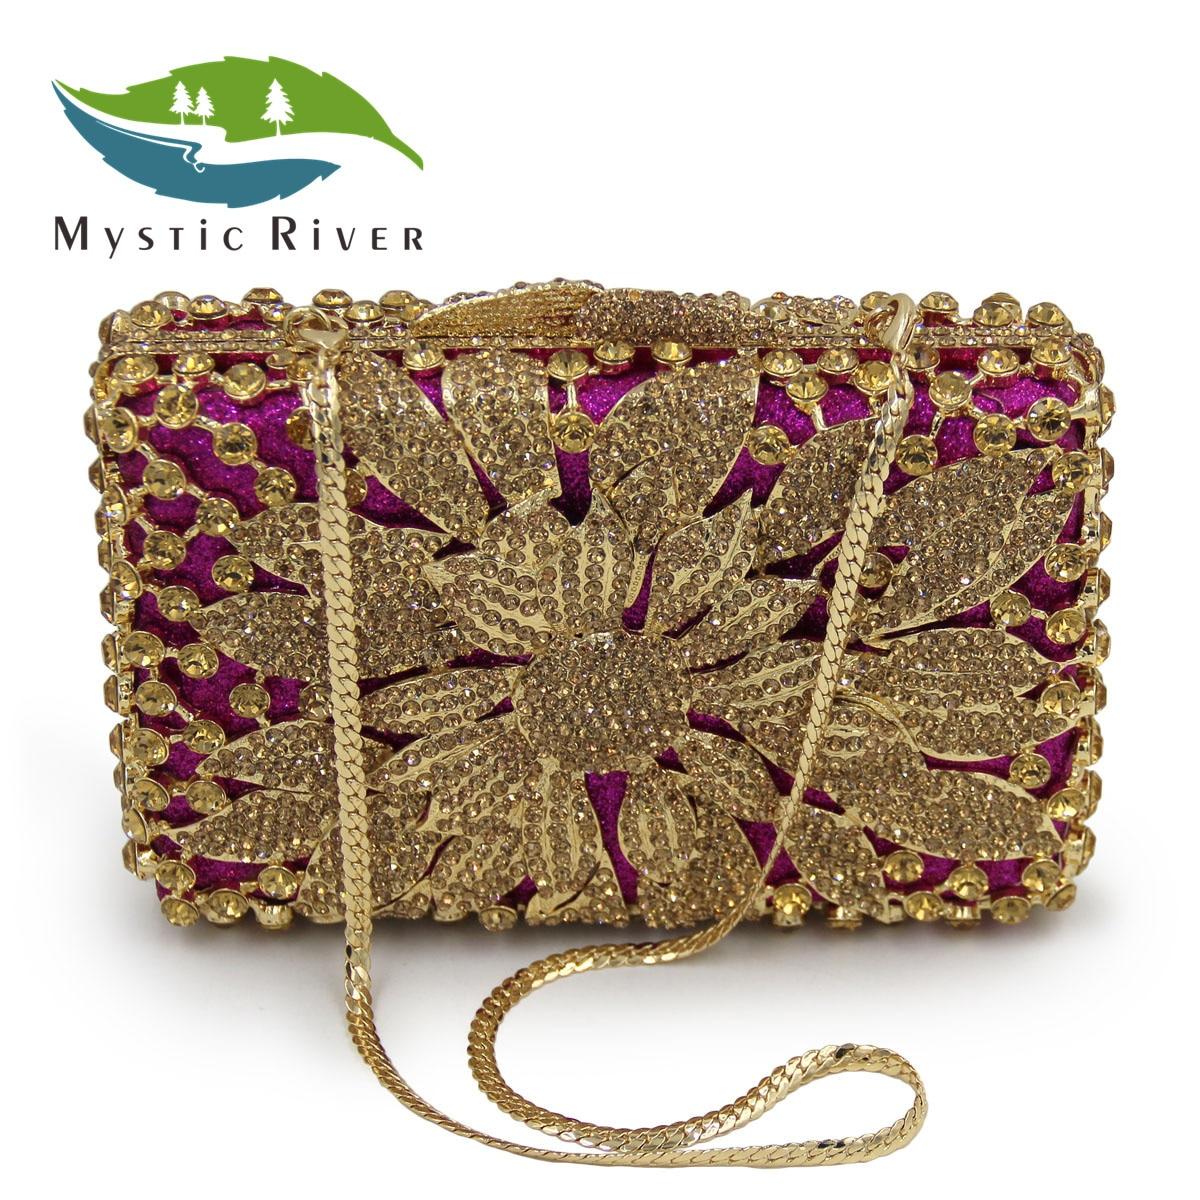 Mystic River Mujeres Embragues Bolsos Bolsos de Noche de Oro de Las Señoras Embr